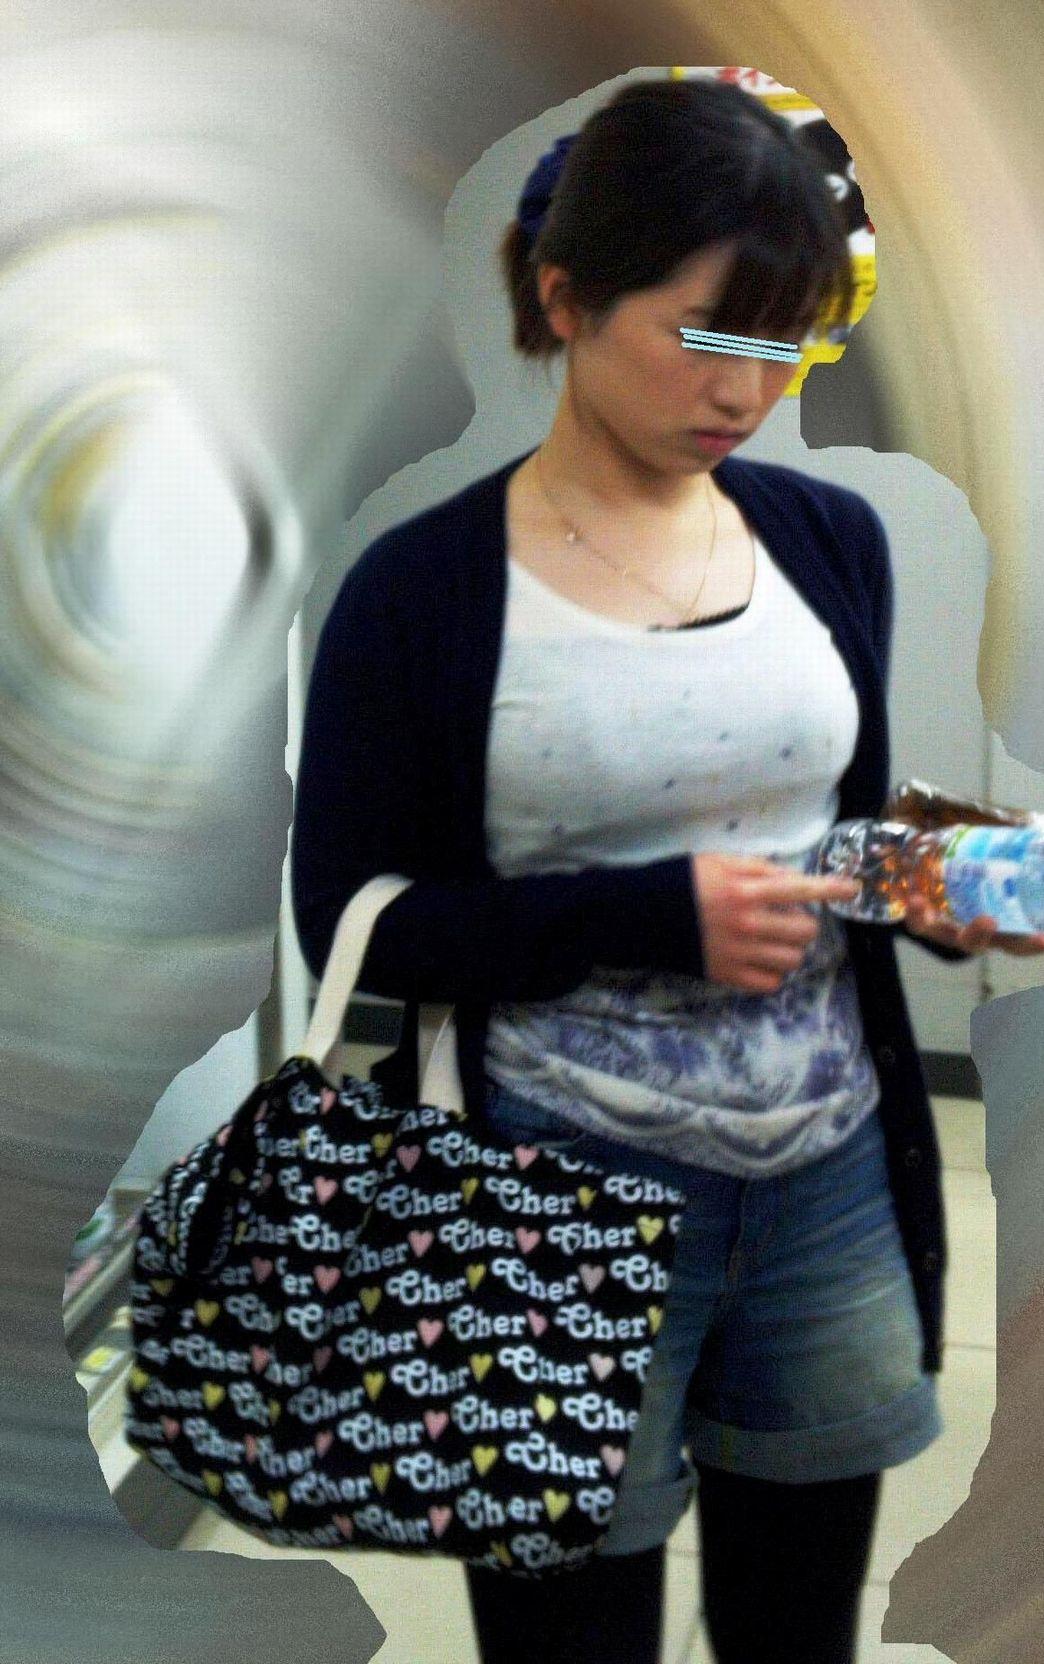 【巨乳エロ画像】脱がしたいな…うっかり呟かされそうな着衣おっぱい目撃www 15